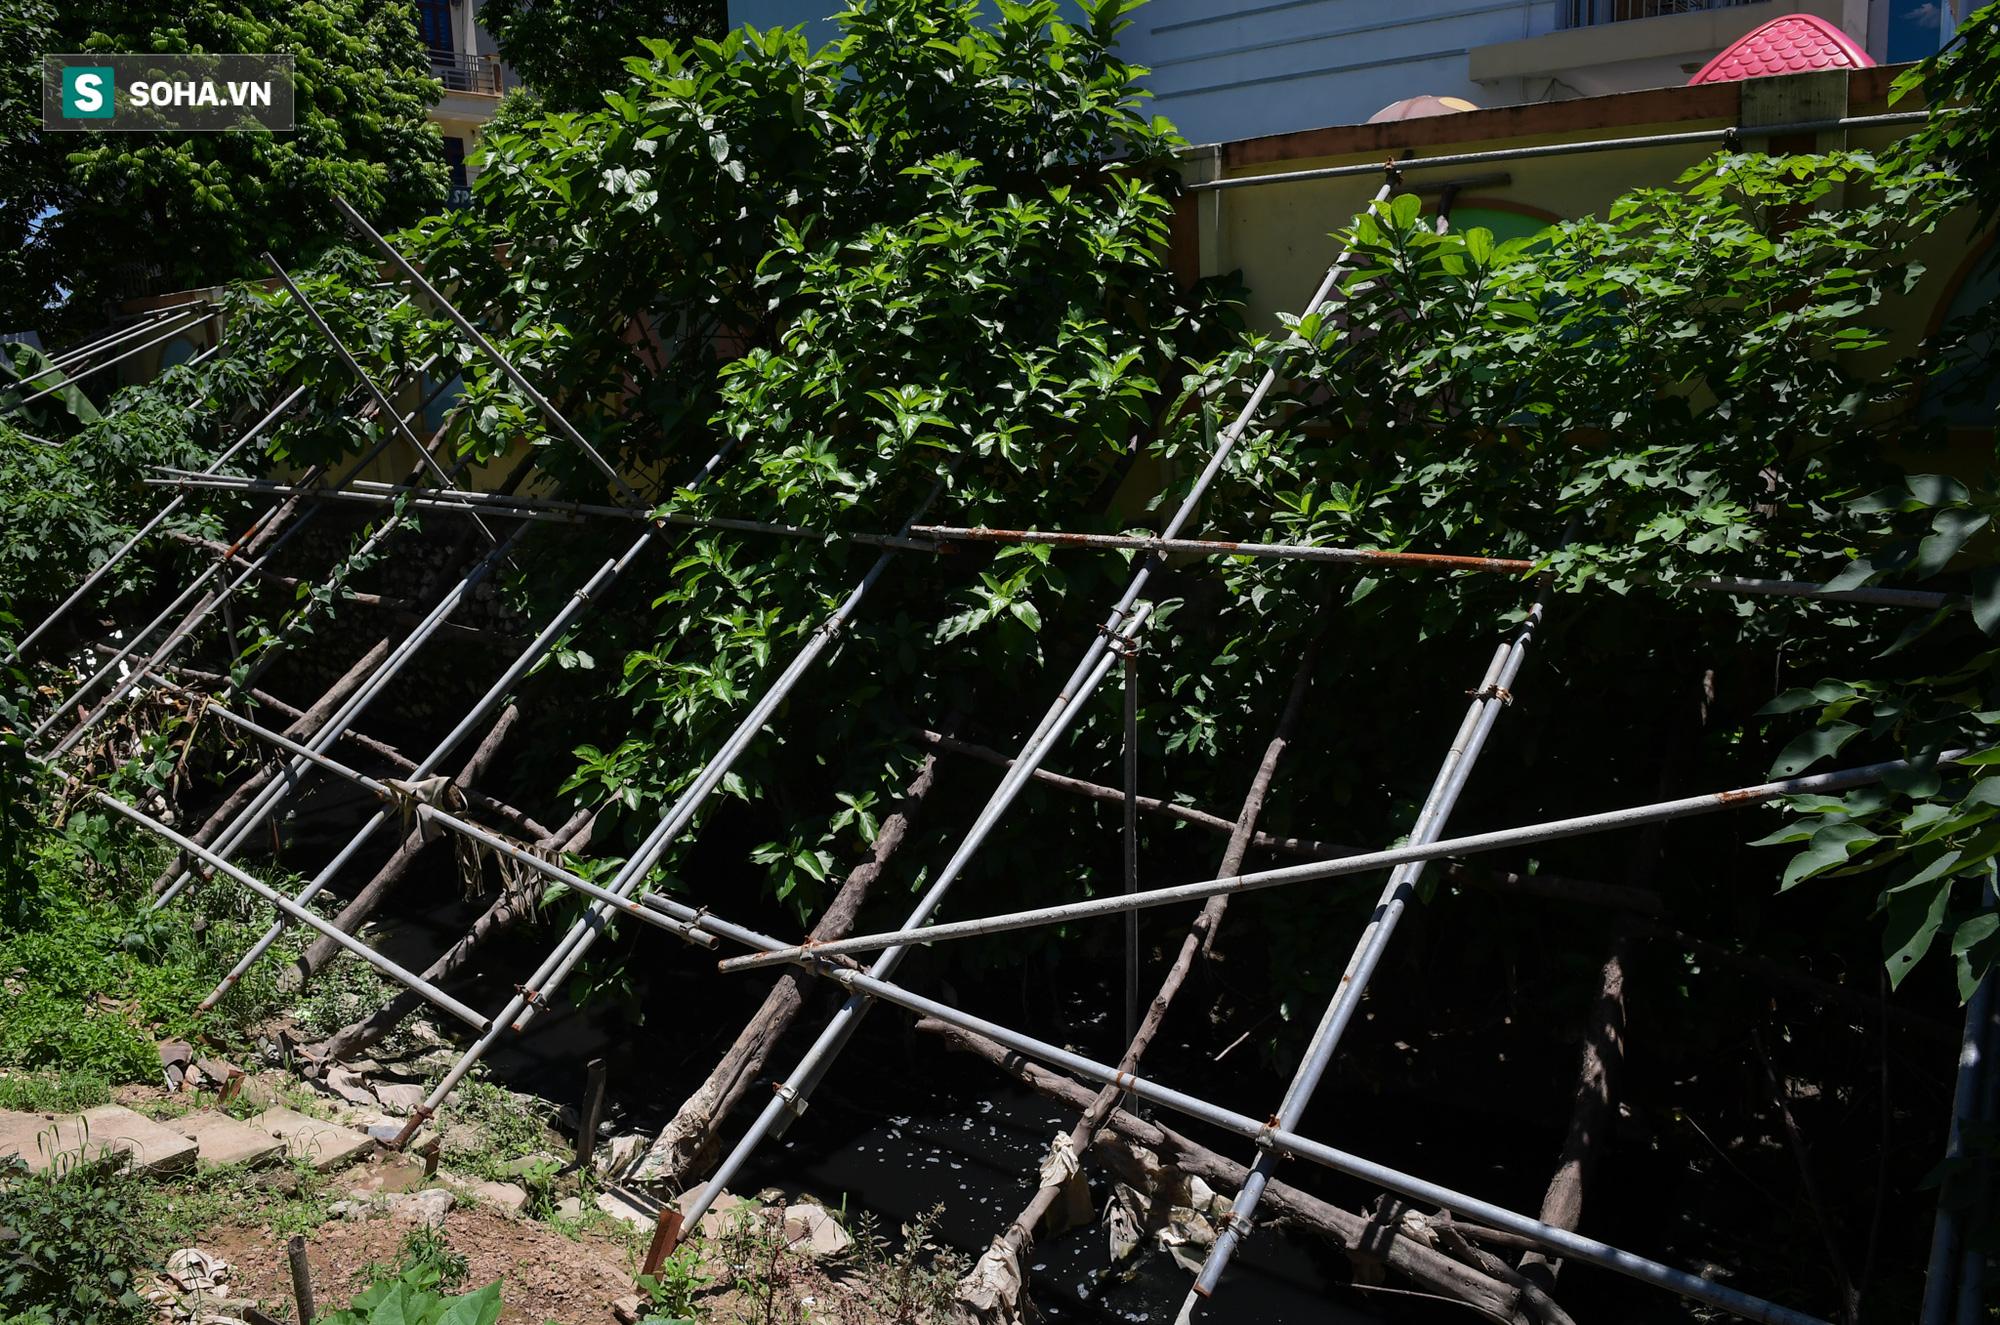 Đại dự án 7.000 tỷ đồng chống ngập cho 6 quận huyện phía Tây TP Hà Nội chậm tiến độ, ngập ngụa trong rác - Ảnh 14.